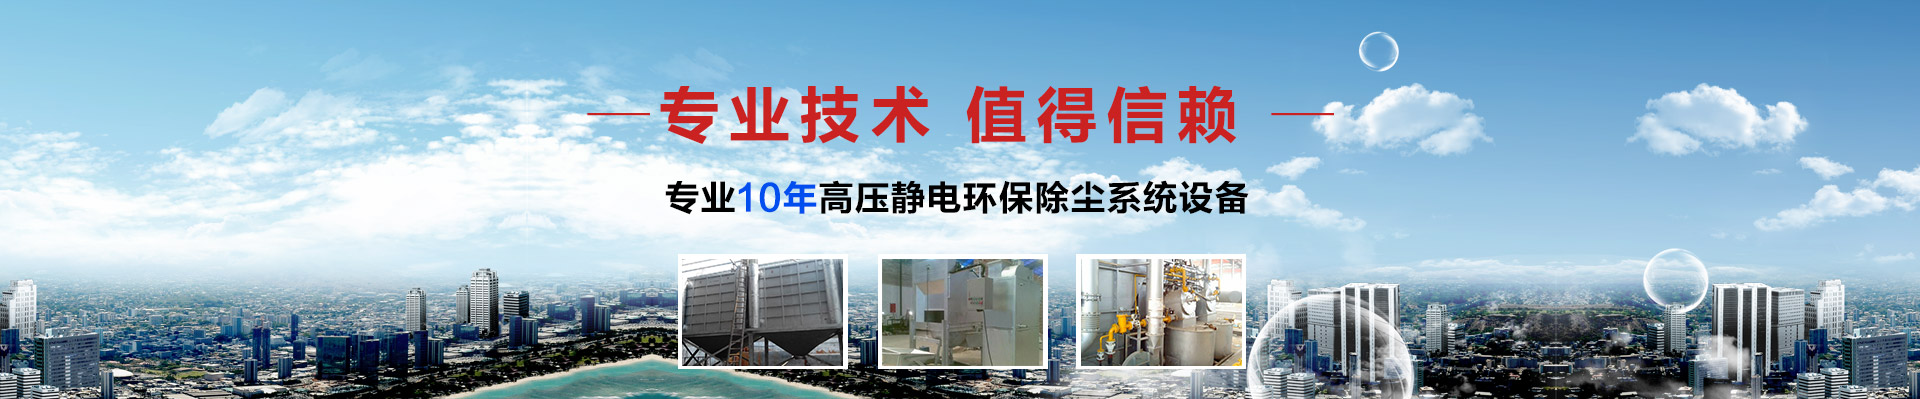 环保除尘系统设备